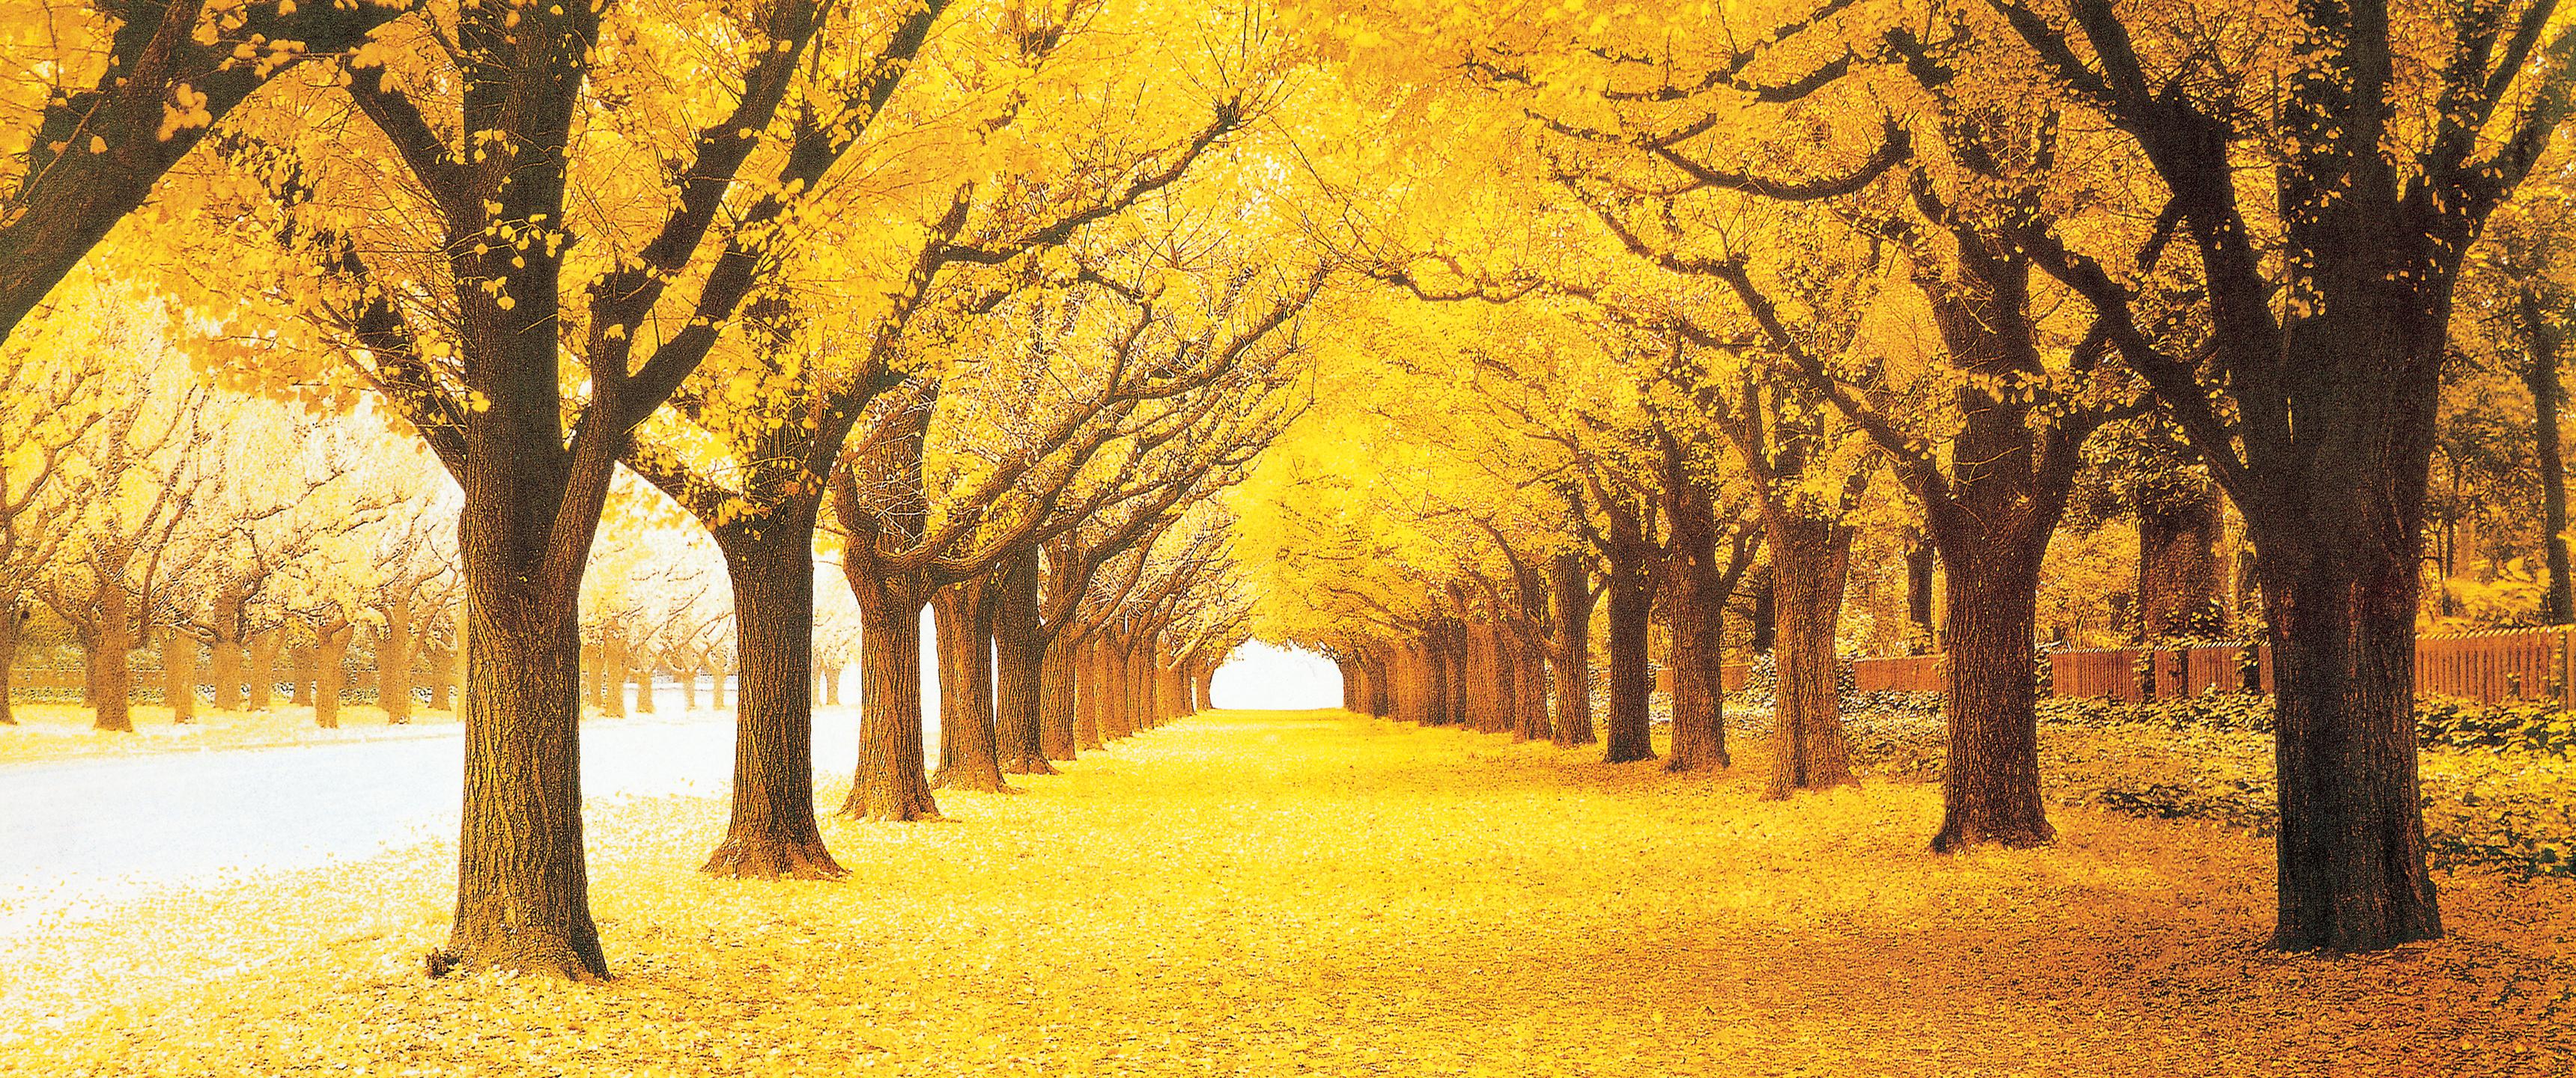 舒婷:秋天的情绪(二)